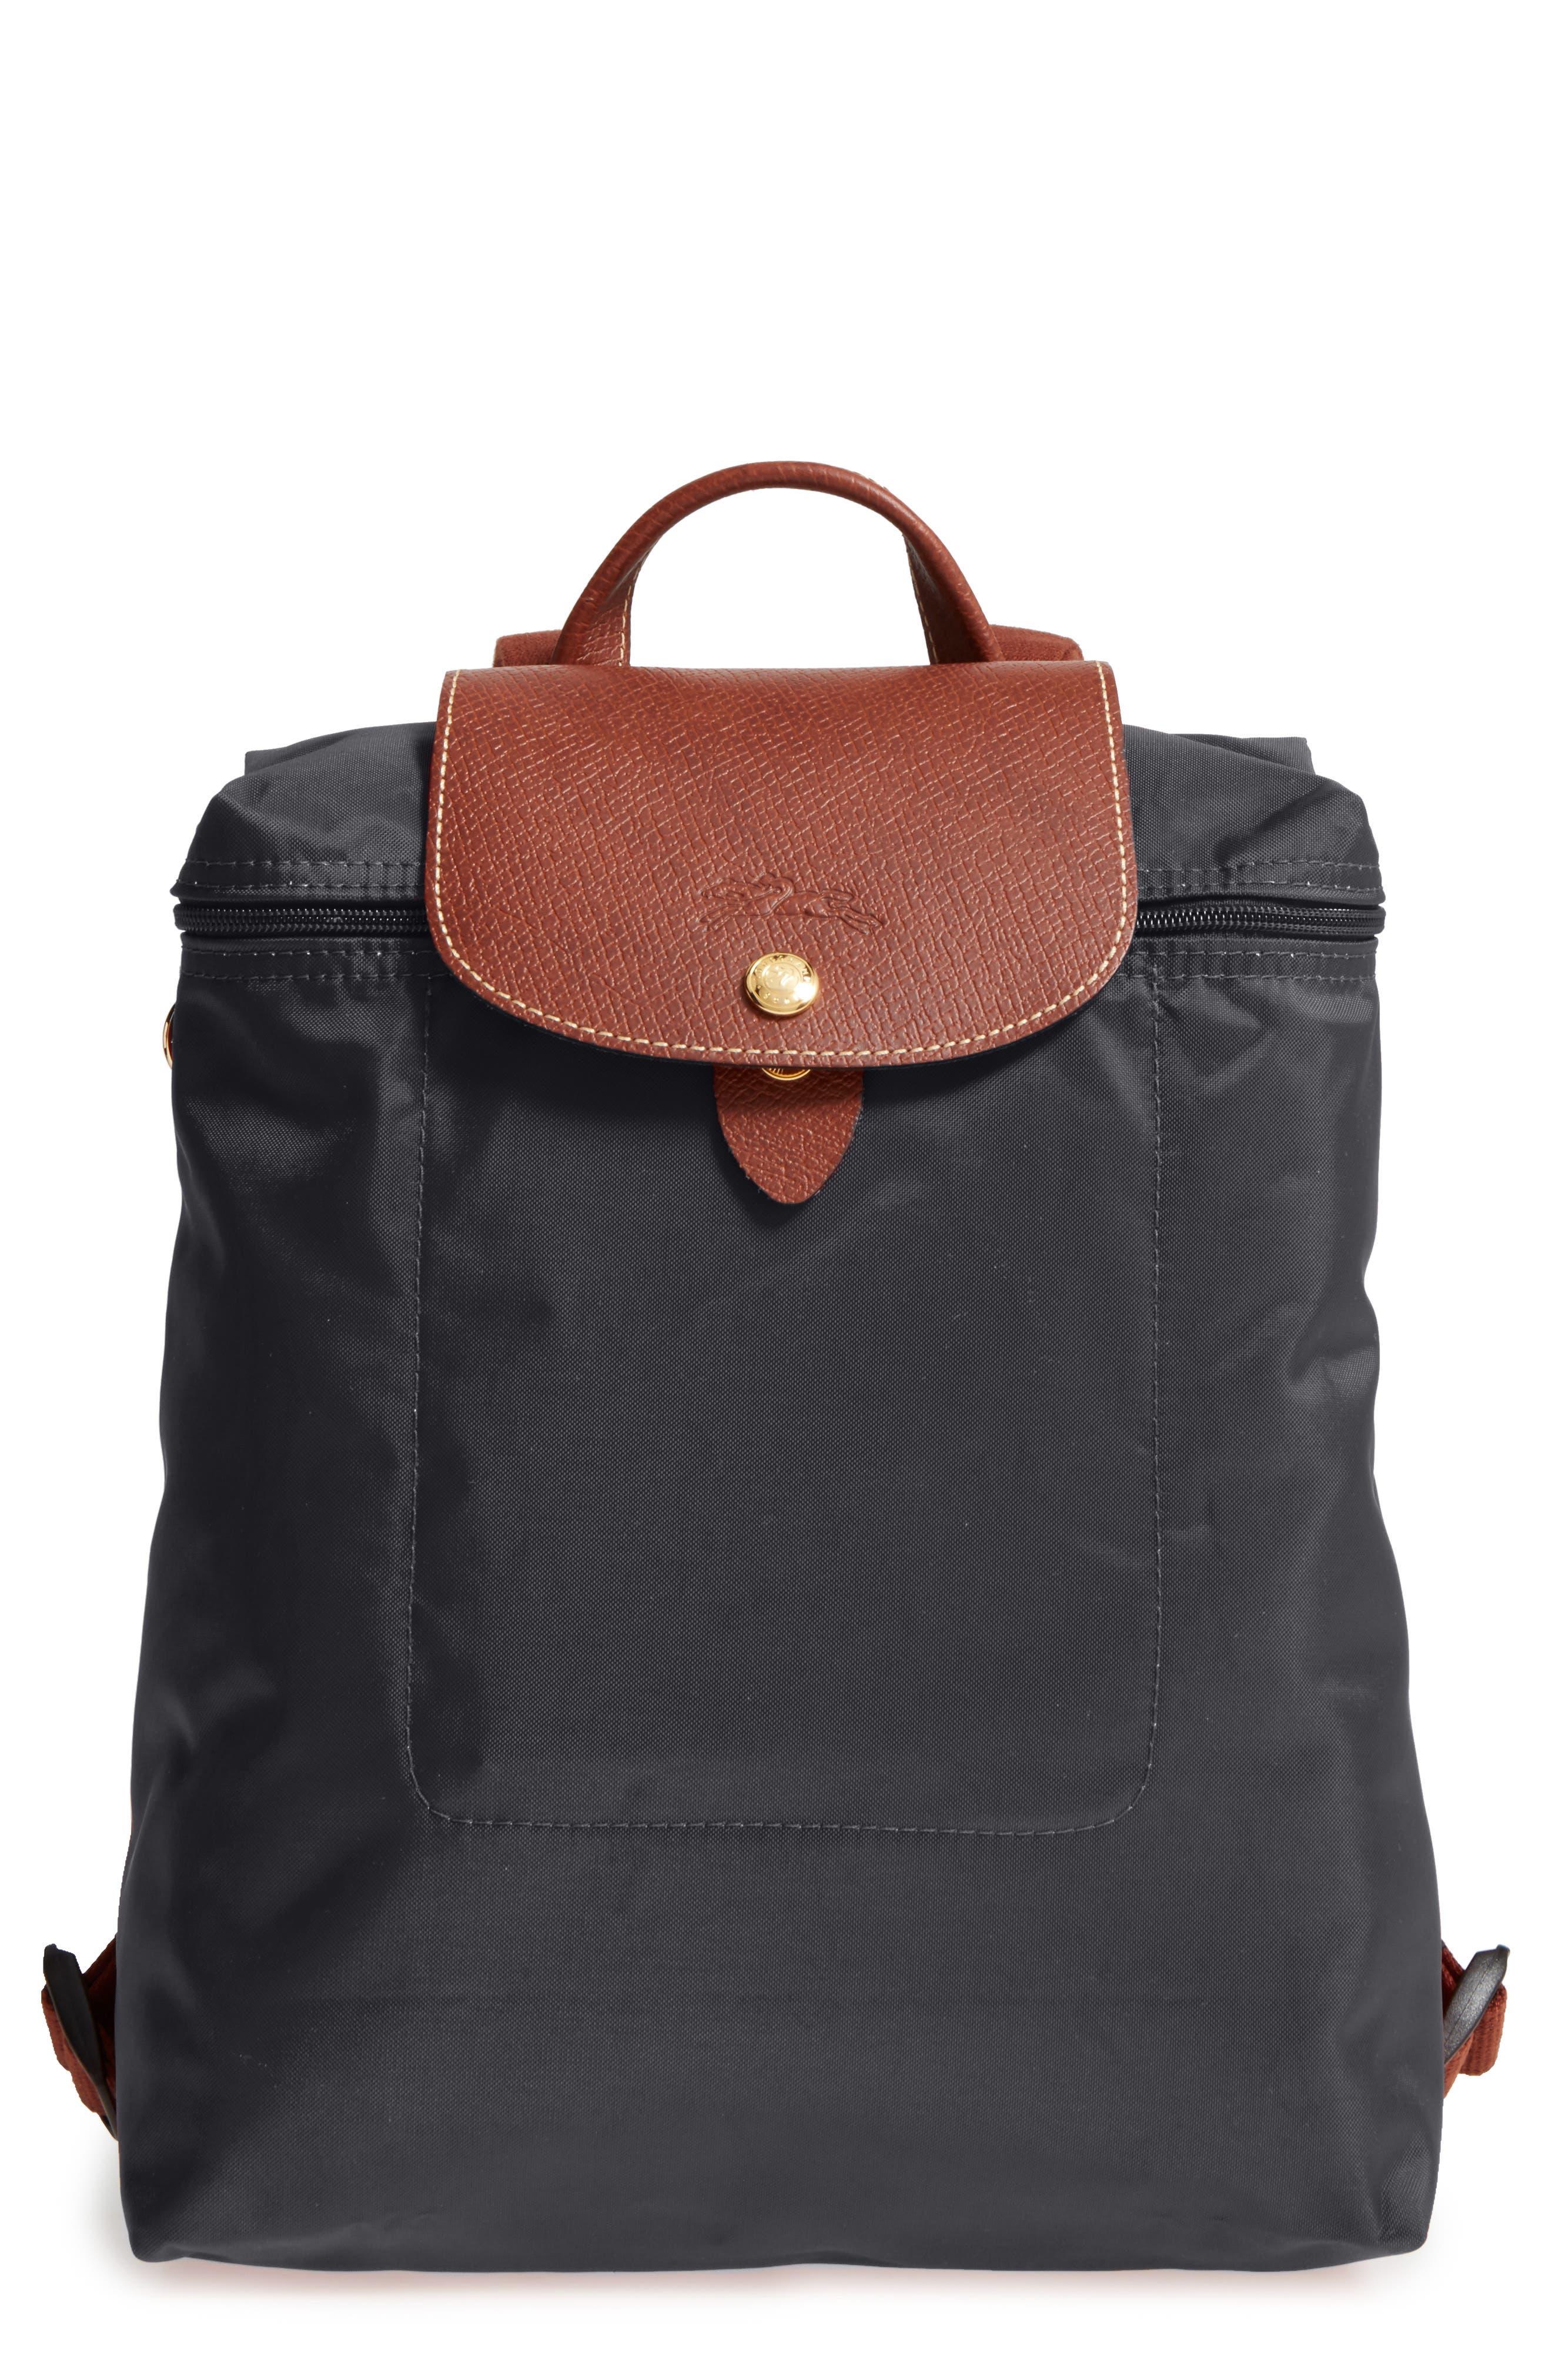 LONGCHAMP, 'Le Pliage' Backpack, Main thumbnail 1, color, GUNMETAL